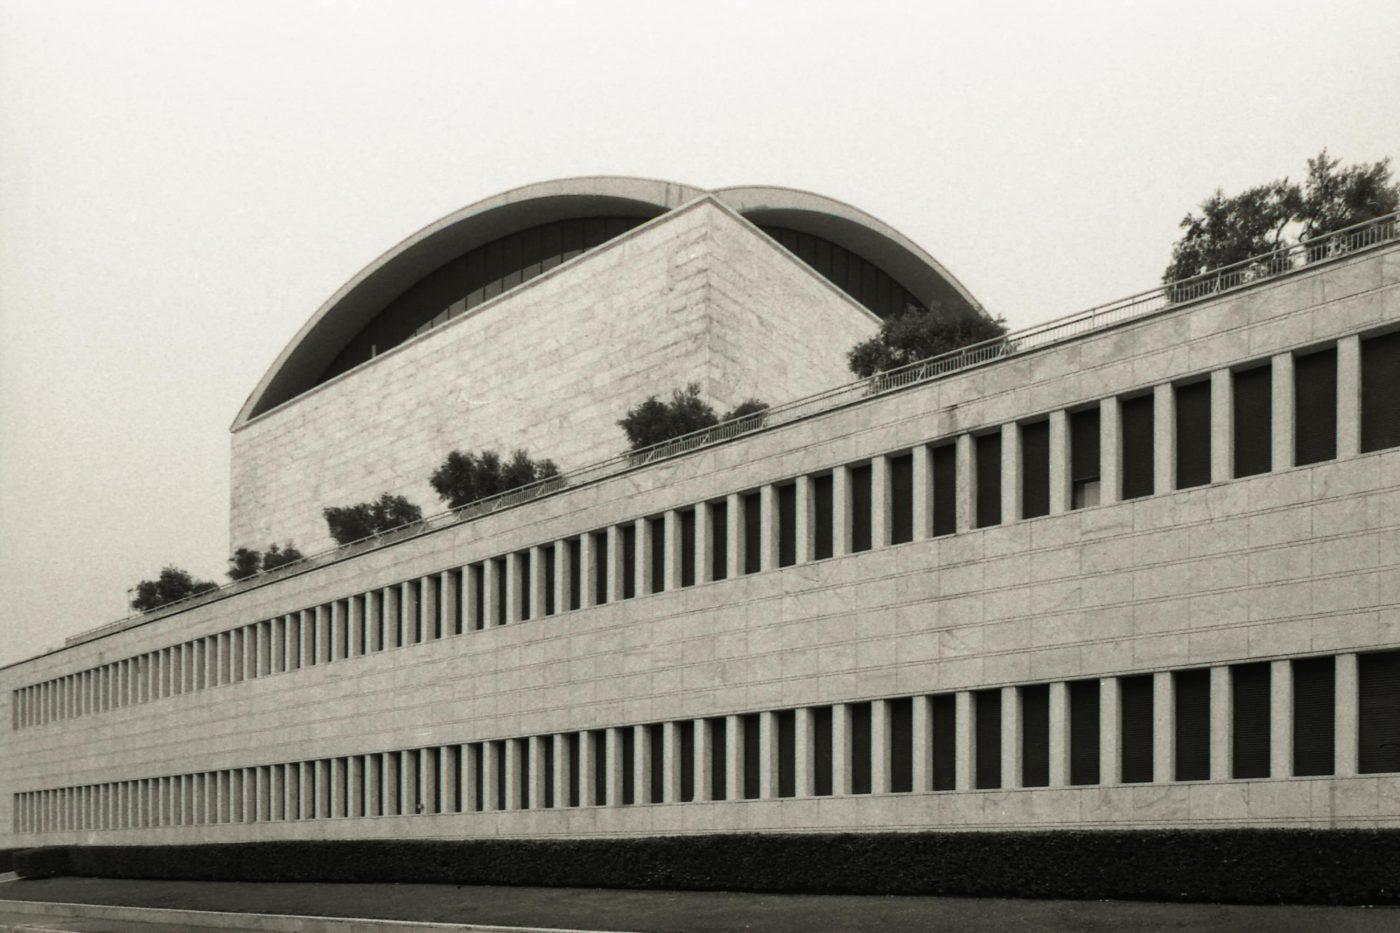 Rome's Futuristic City EUR, Palazzo dei Congressi